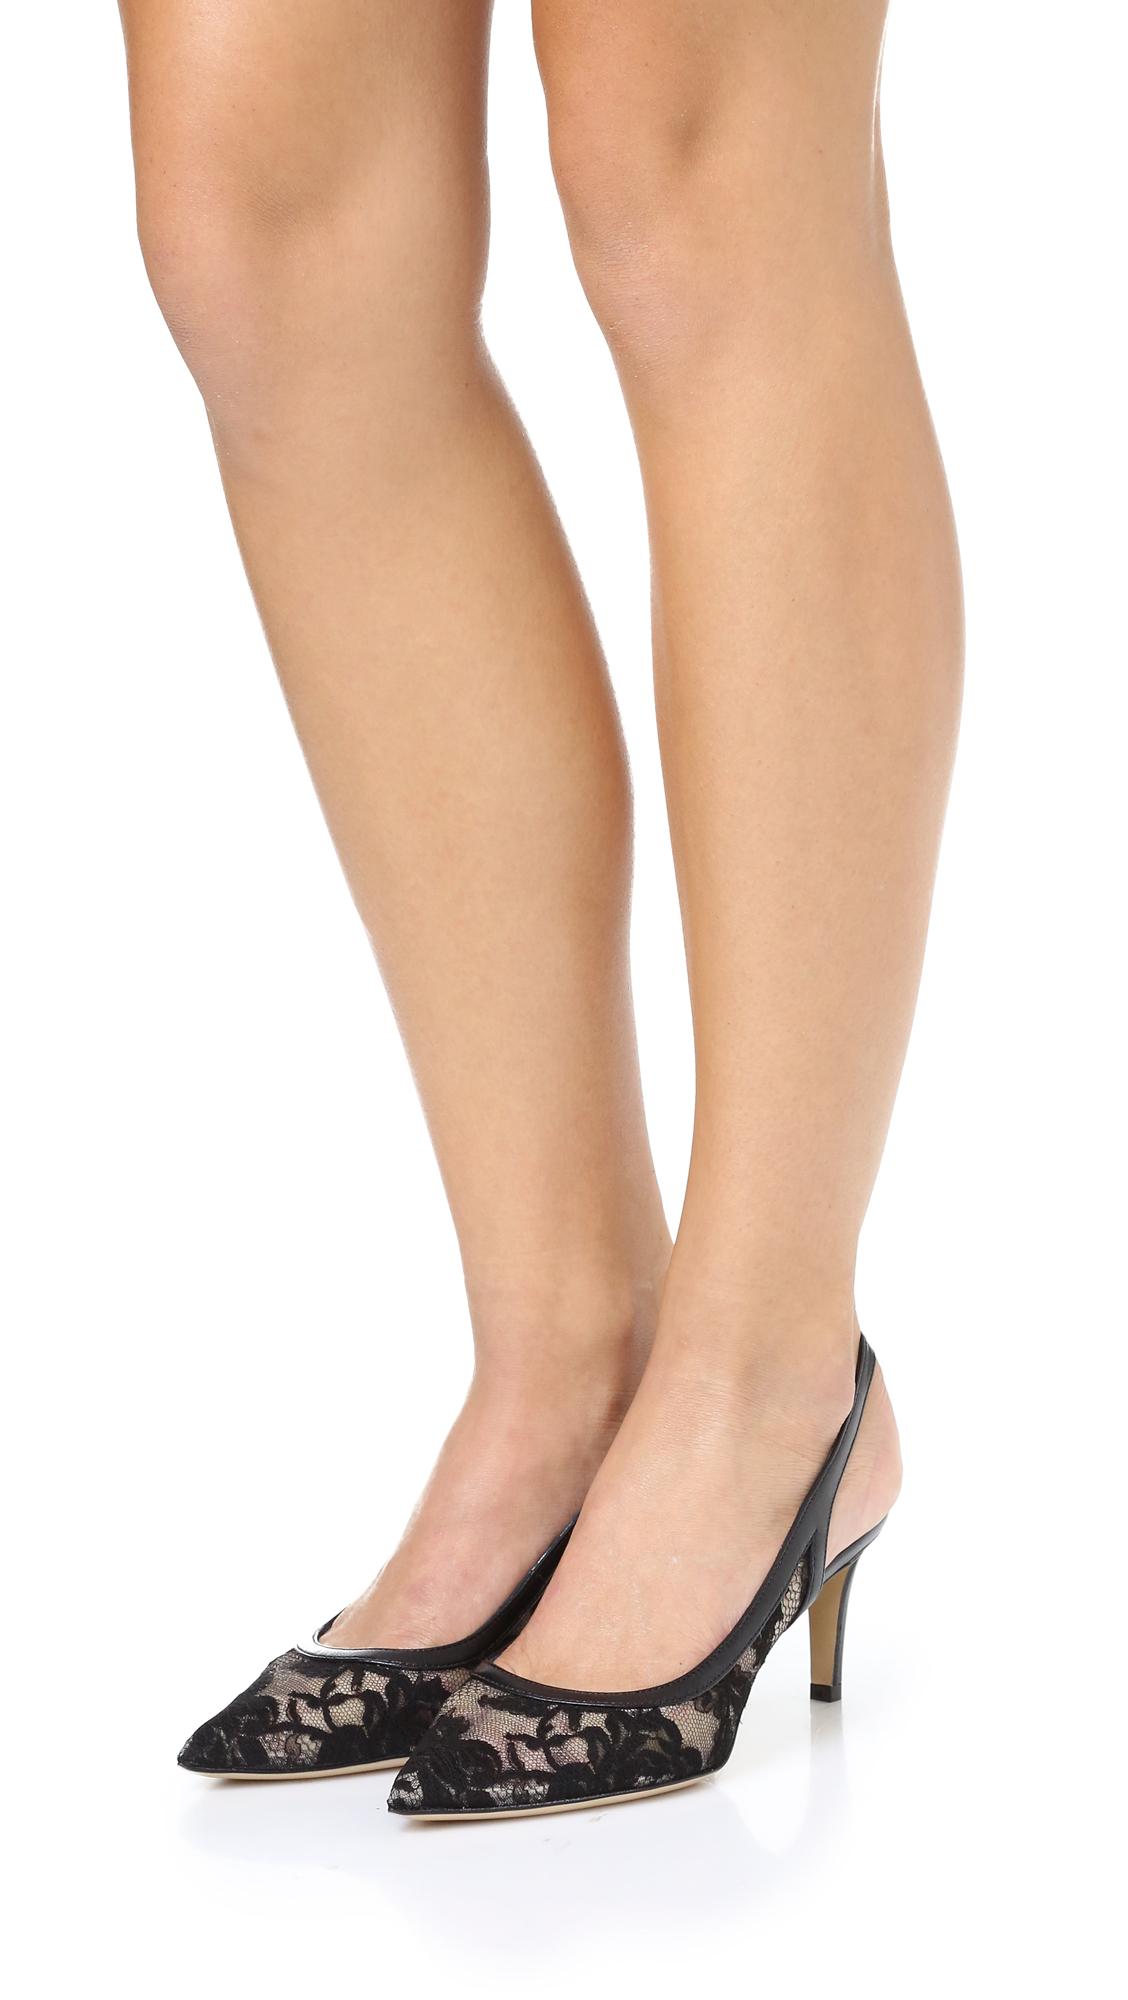 Monique Lhuillier Black Lace Shoes